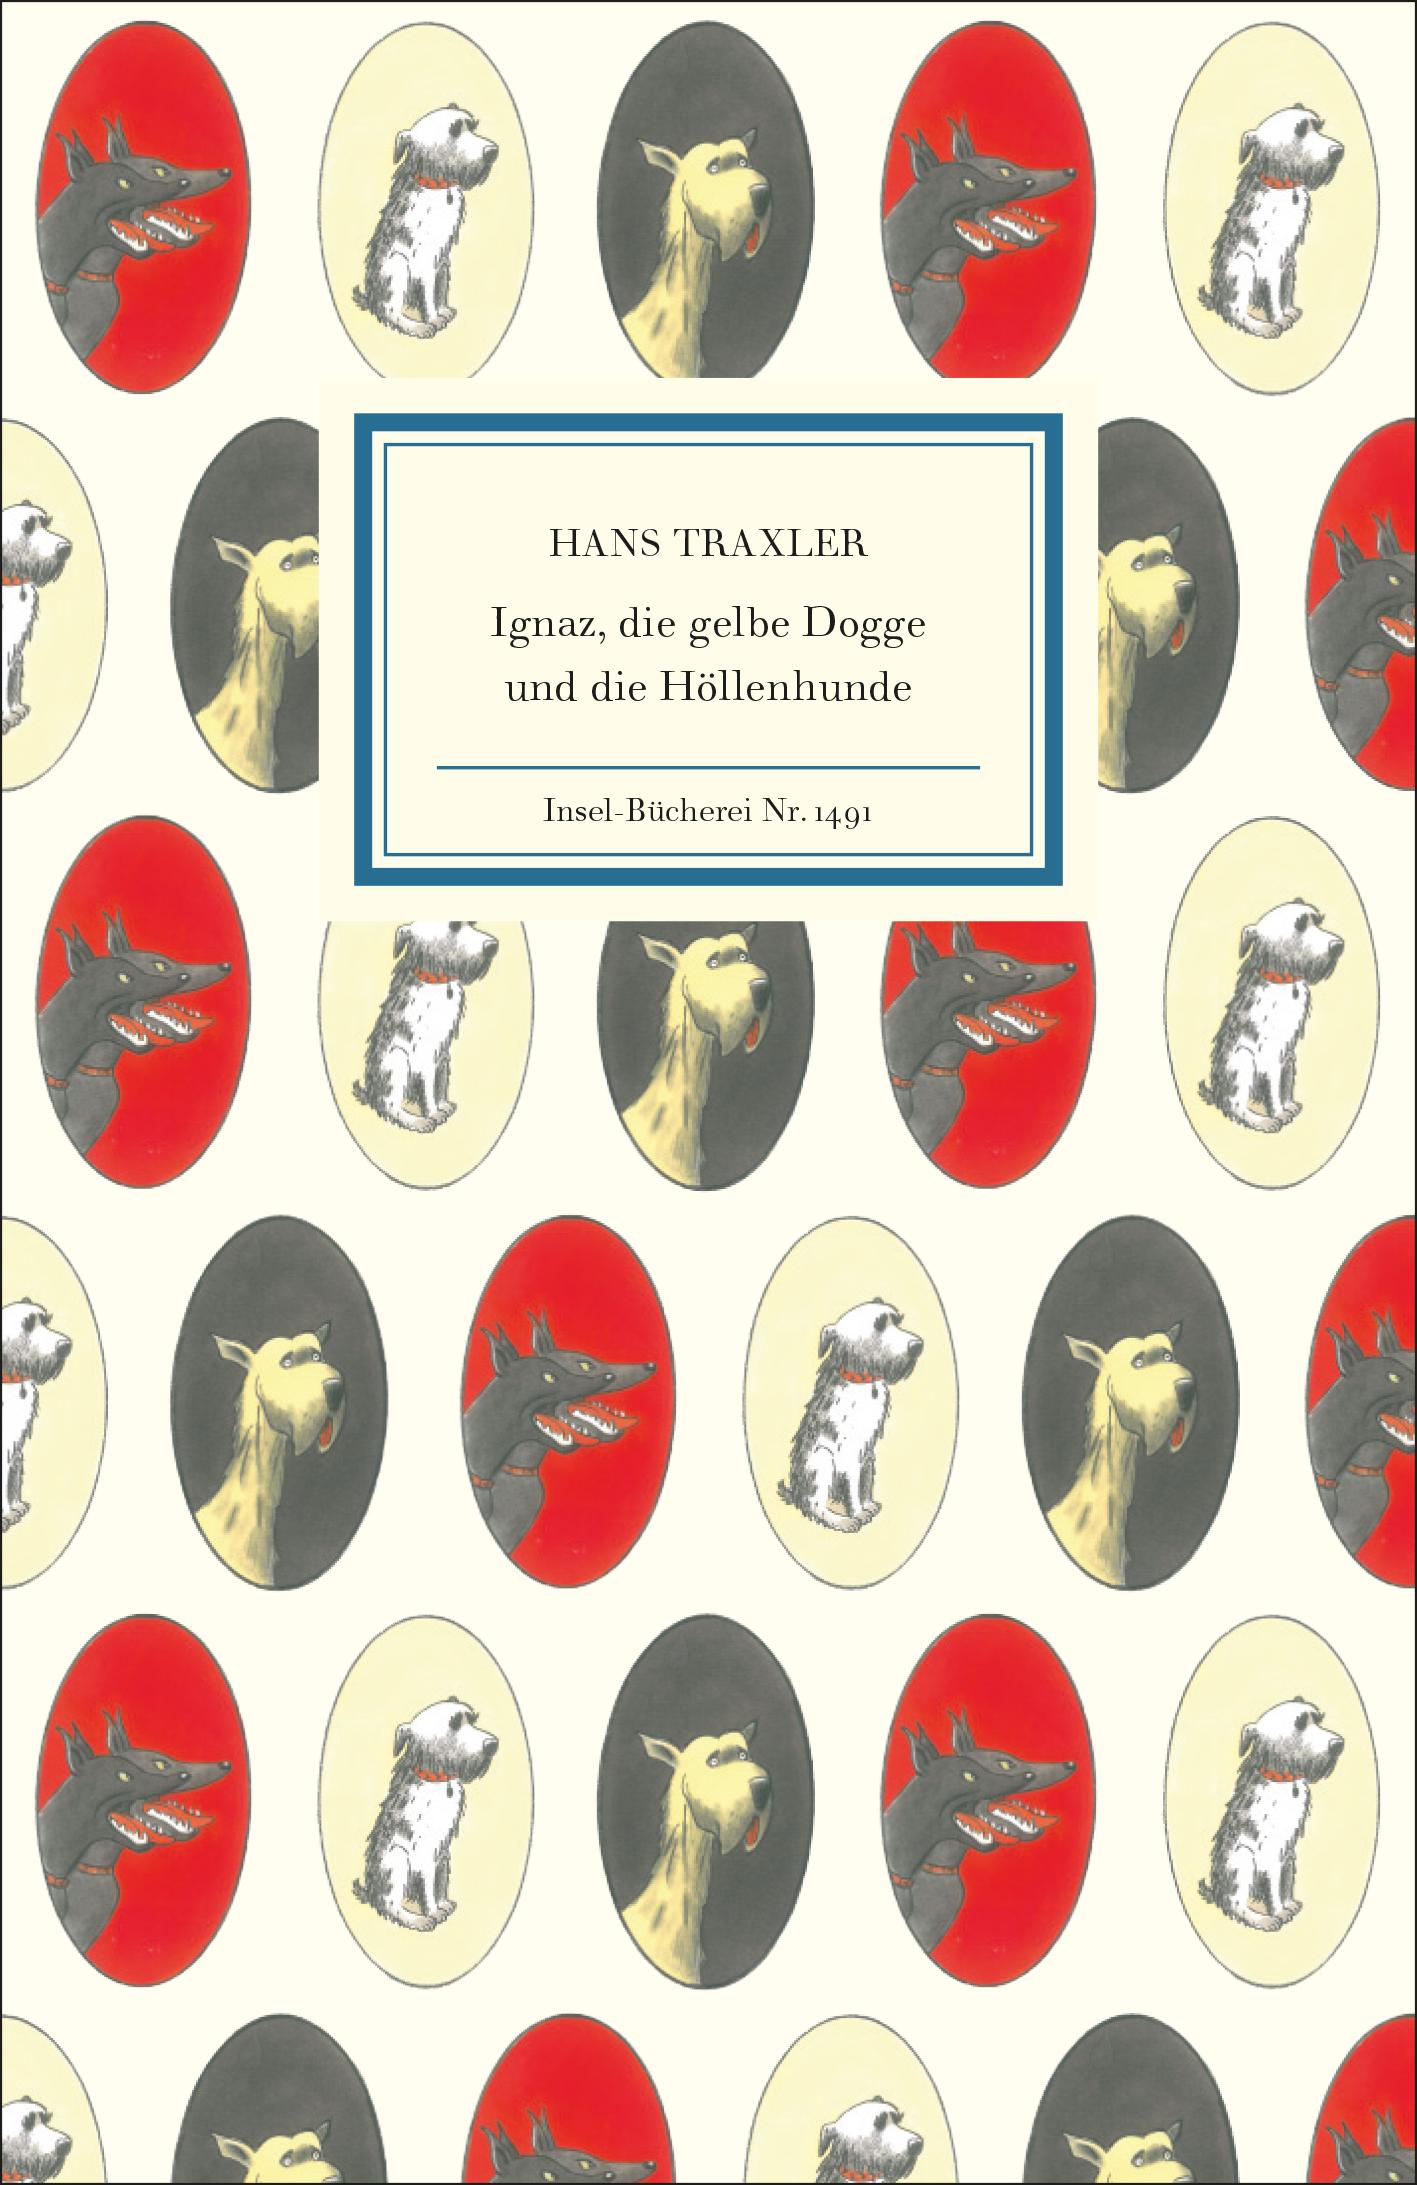 Hans Traxler: Ignaz, die gelbe Dogge und die Höllenhunde